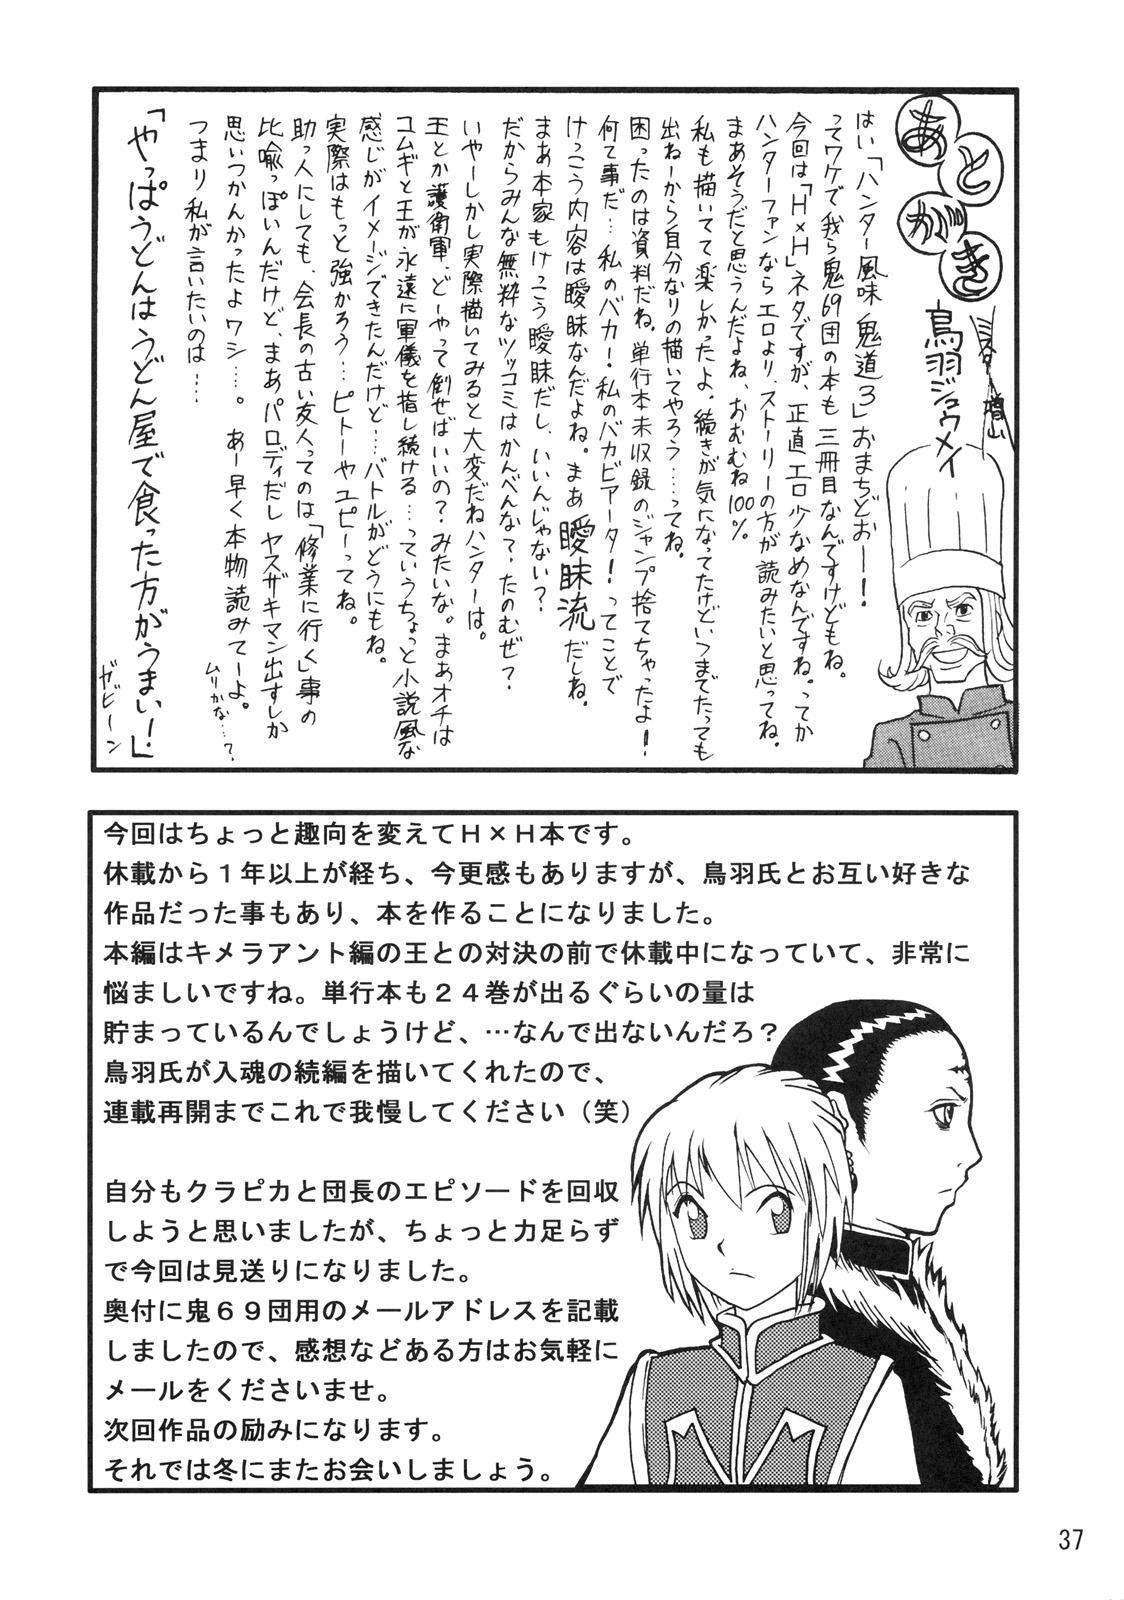 Kidou San 35